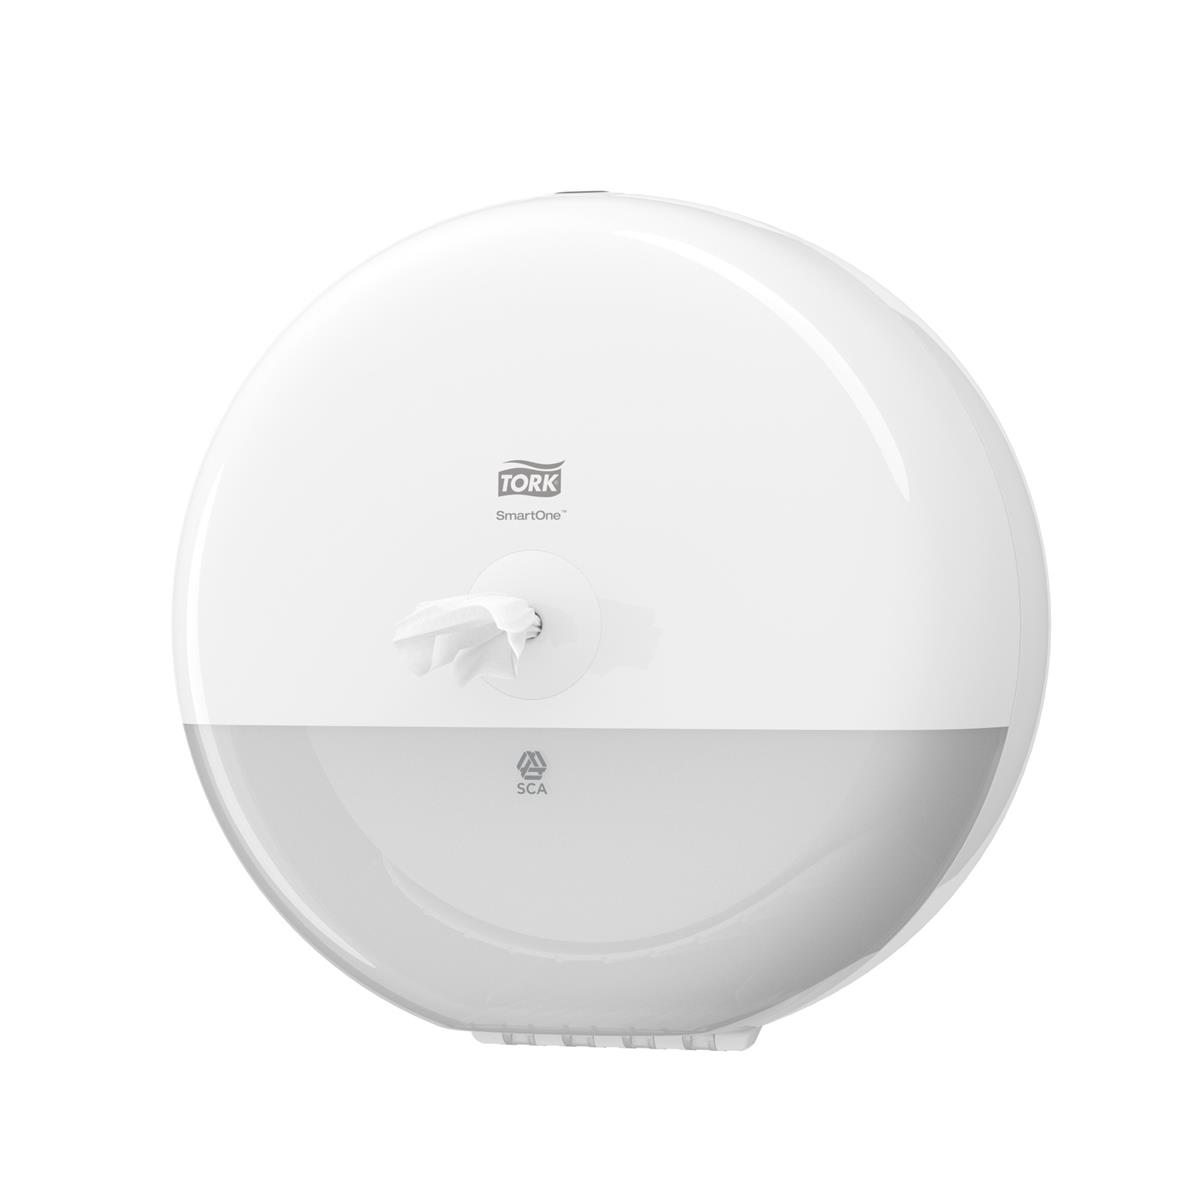 Tork SmartOne Toilet Roll Dispenser Ref 680000